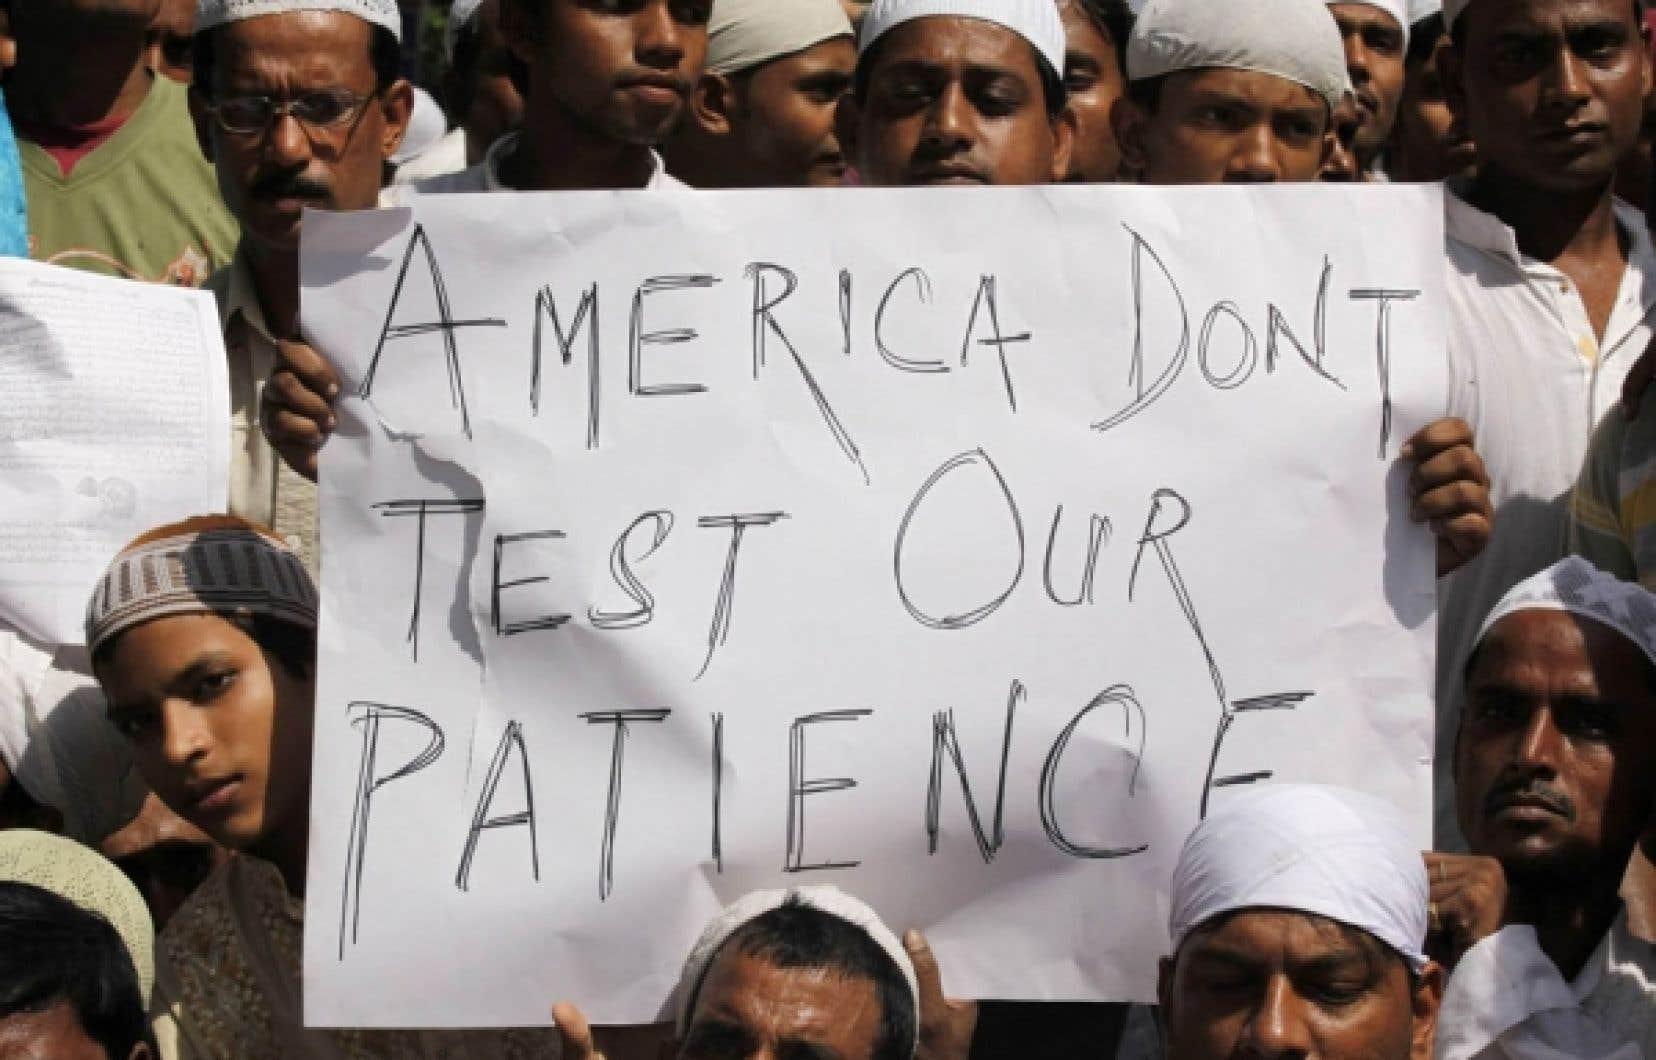 Le projet du pasteur américain Terry Jones de brûler des exemplaires du Coran aujourd'hui, jour anniversaire des attentats du 11-Septembre, a soulevé la colère des musulmans, ceux, entre autres, de la ville indienne de Kolkata. Est-ce encore une fois, un peu beaucoup la faute aux médias?<br />